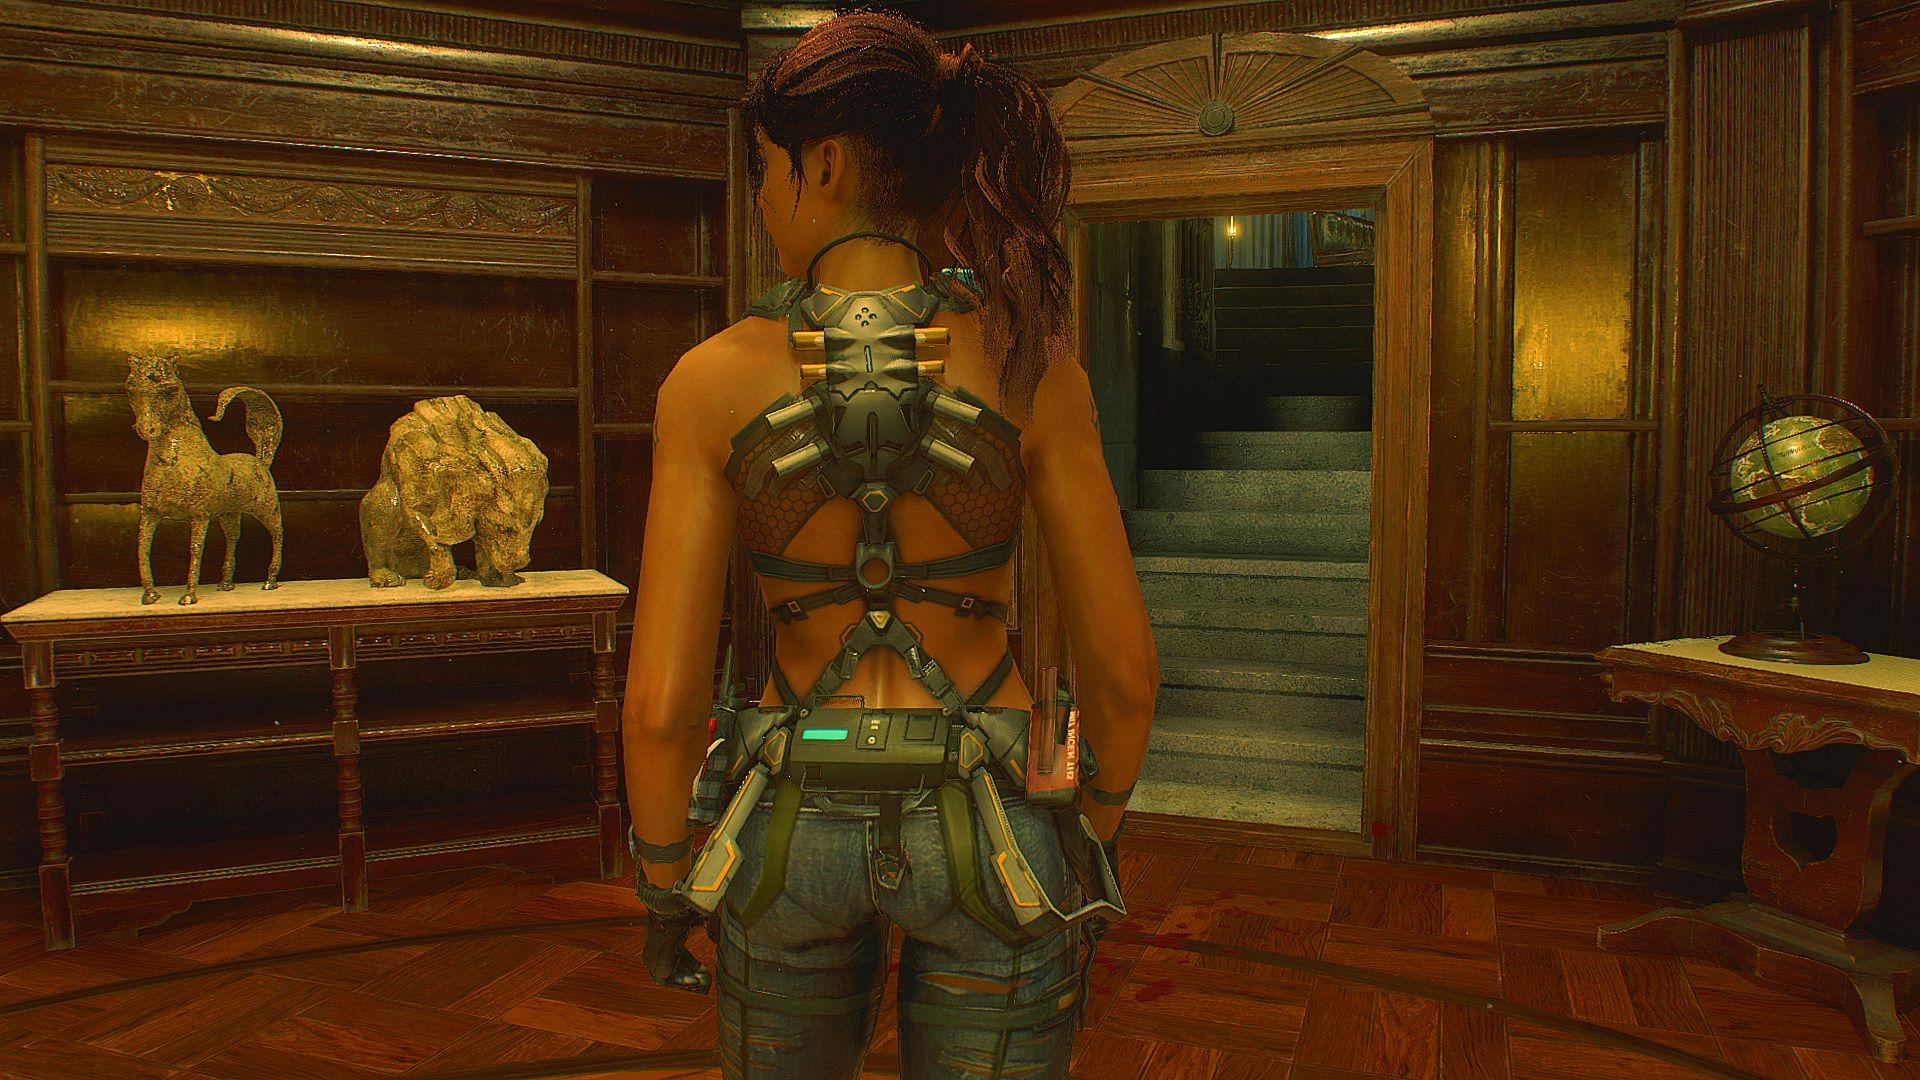 000164.Jpg - Resident Evil 2